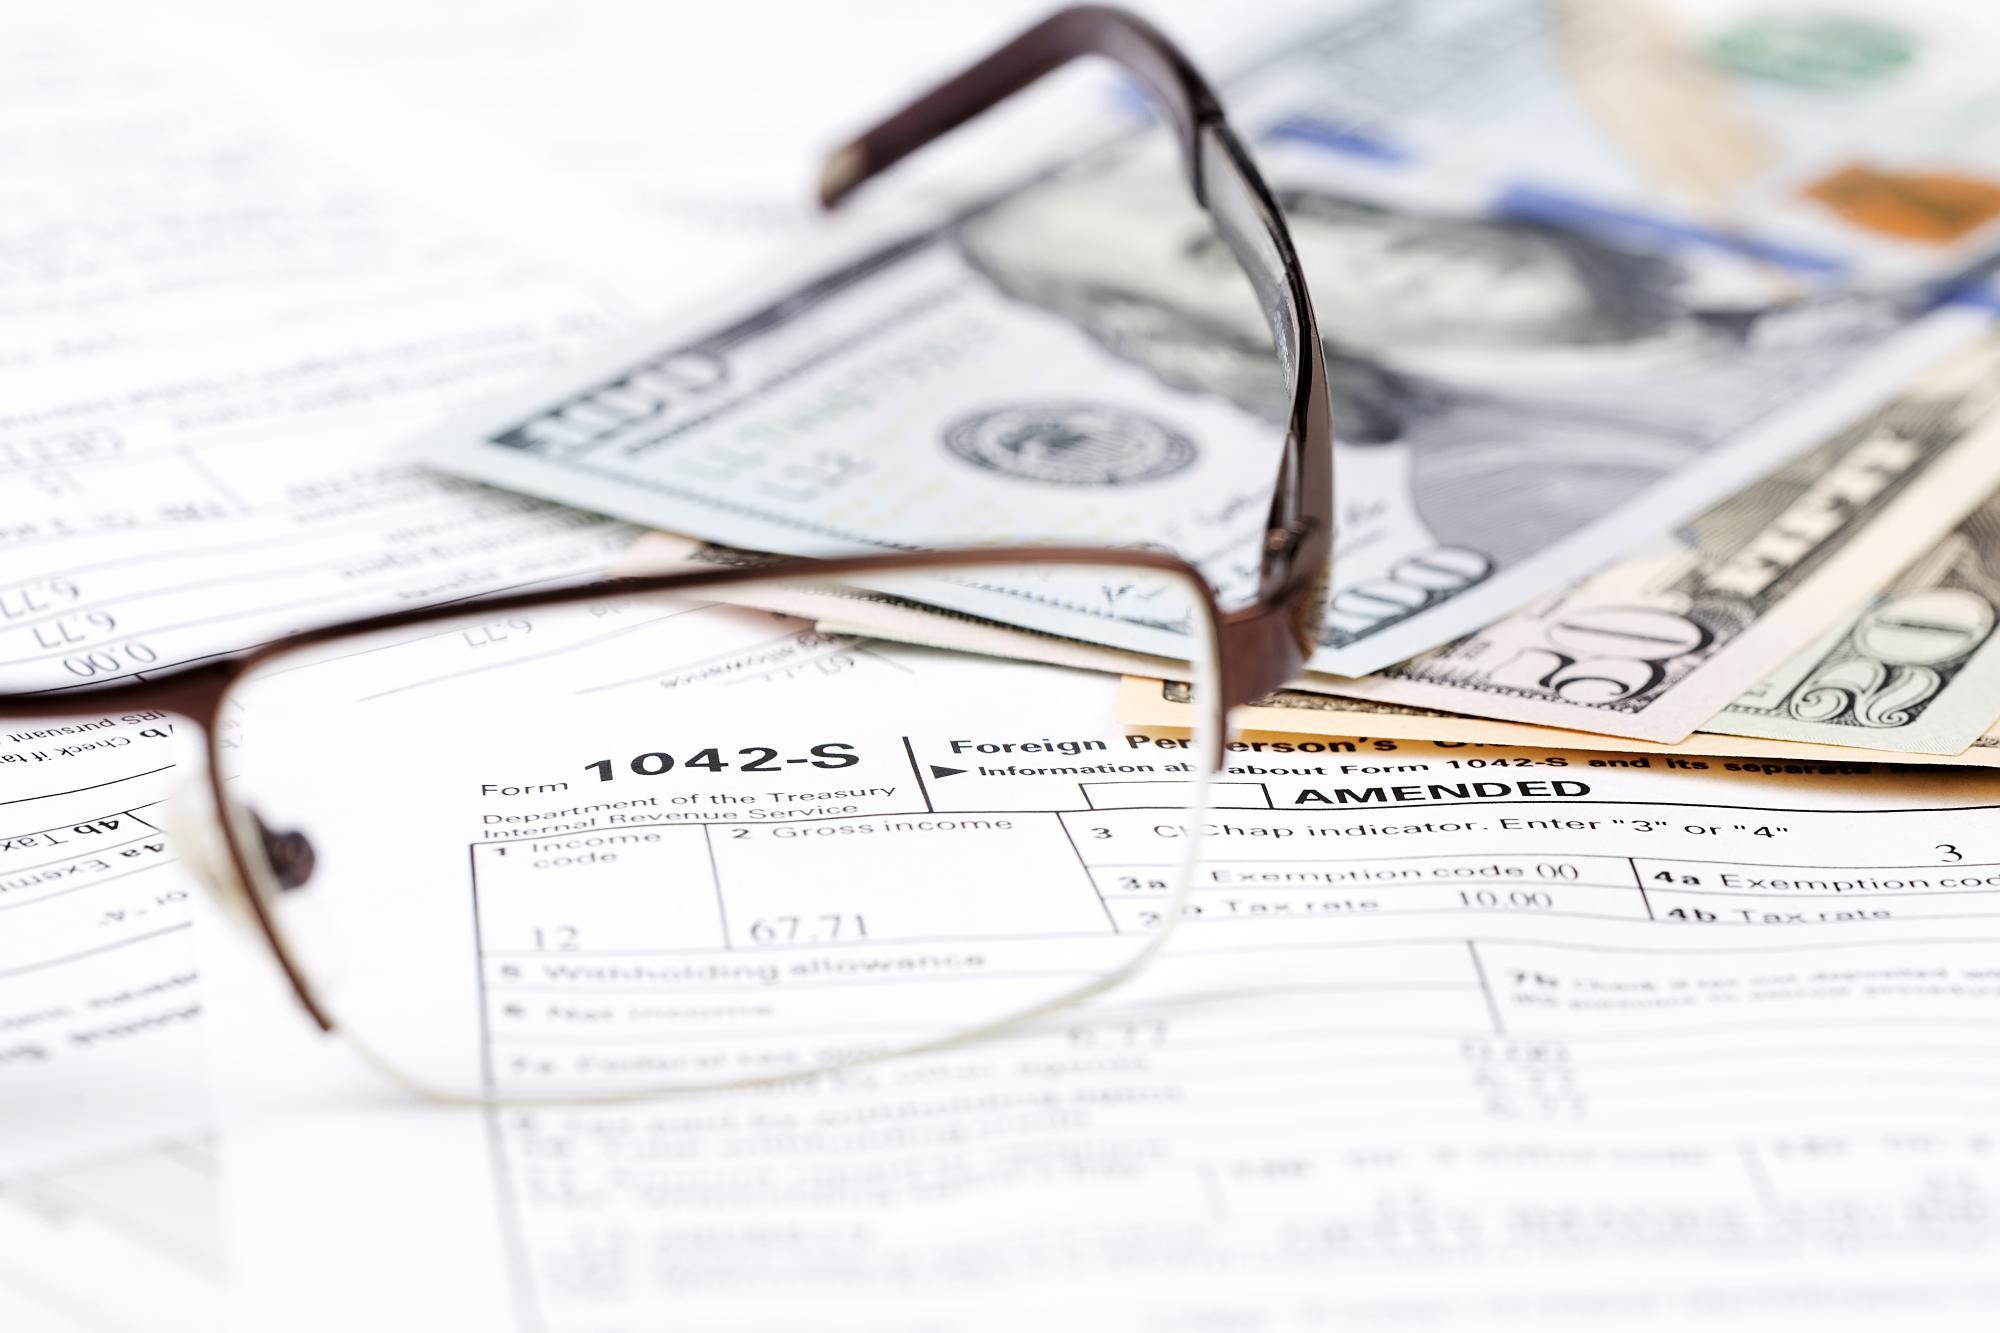 НДС, уплаченный зарубежным филиалом, не уменьшит базу налога на прибыль в РФ